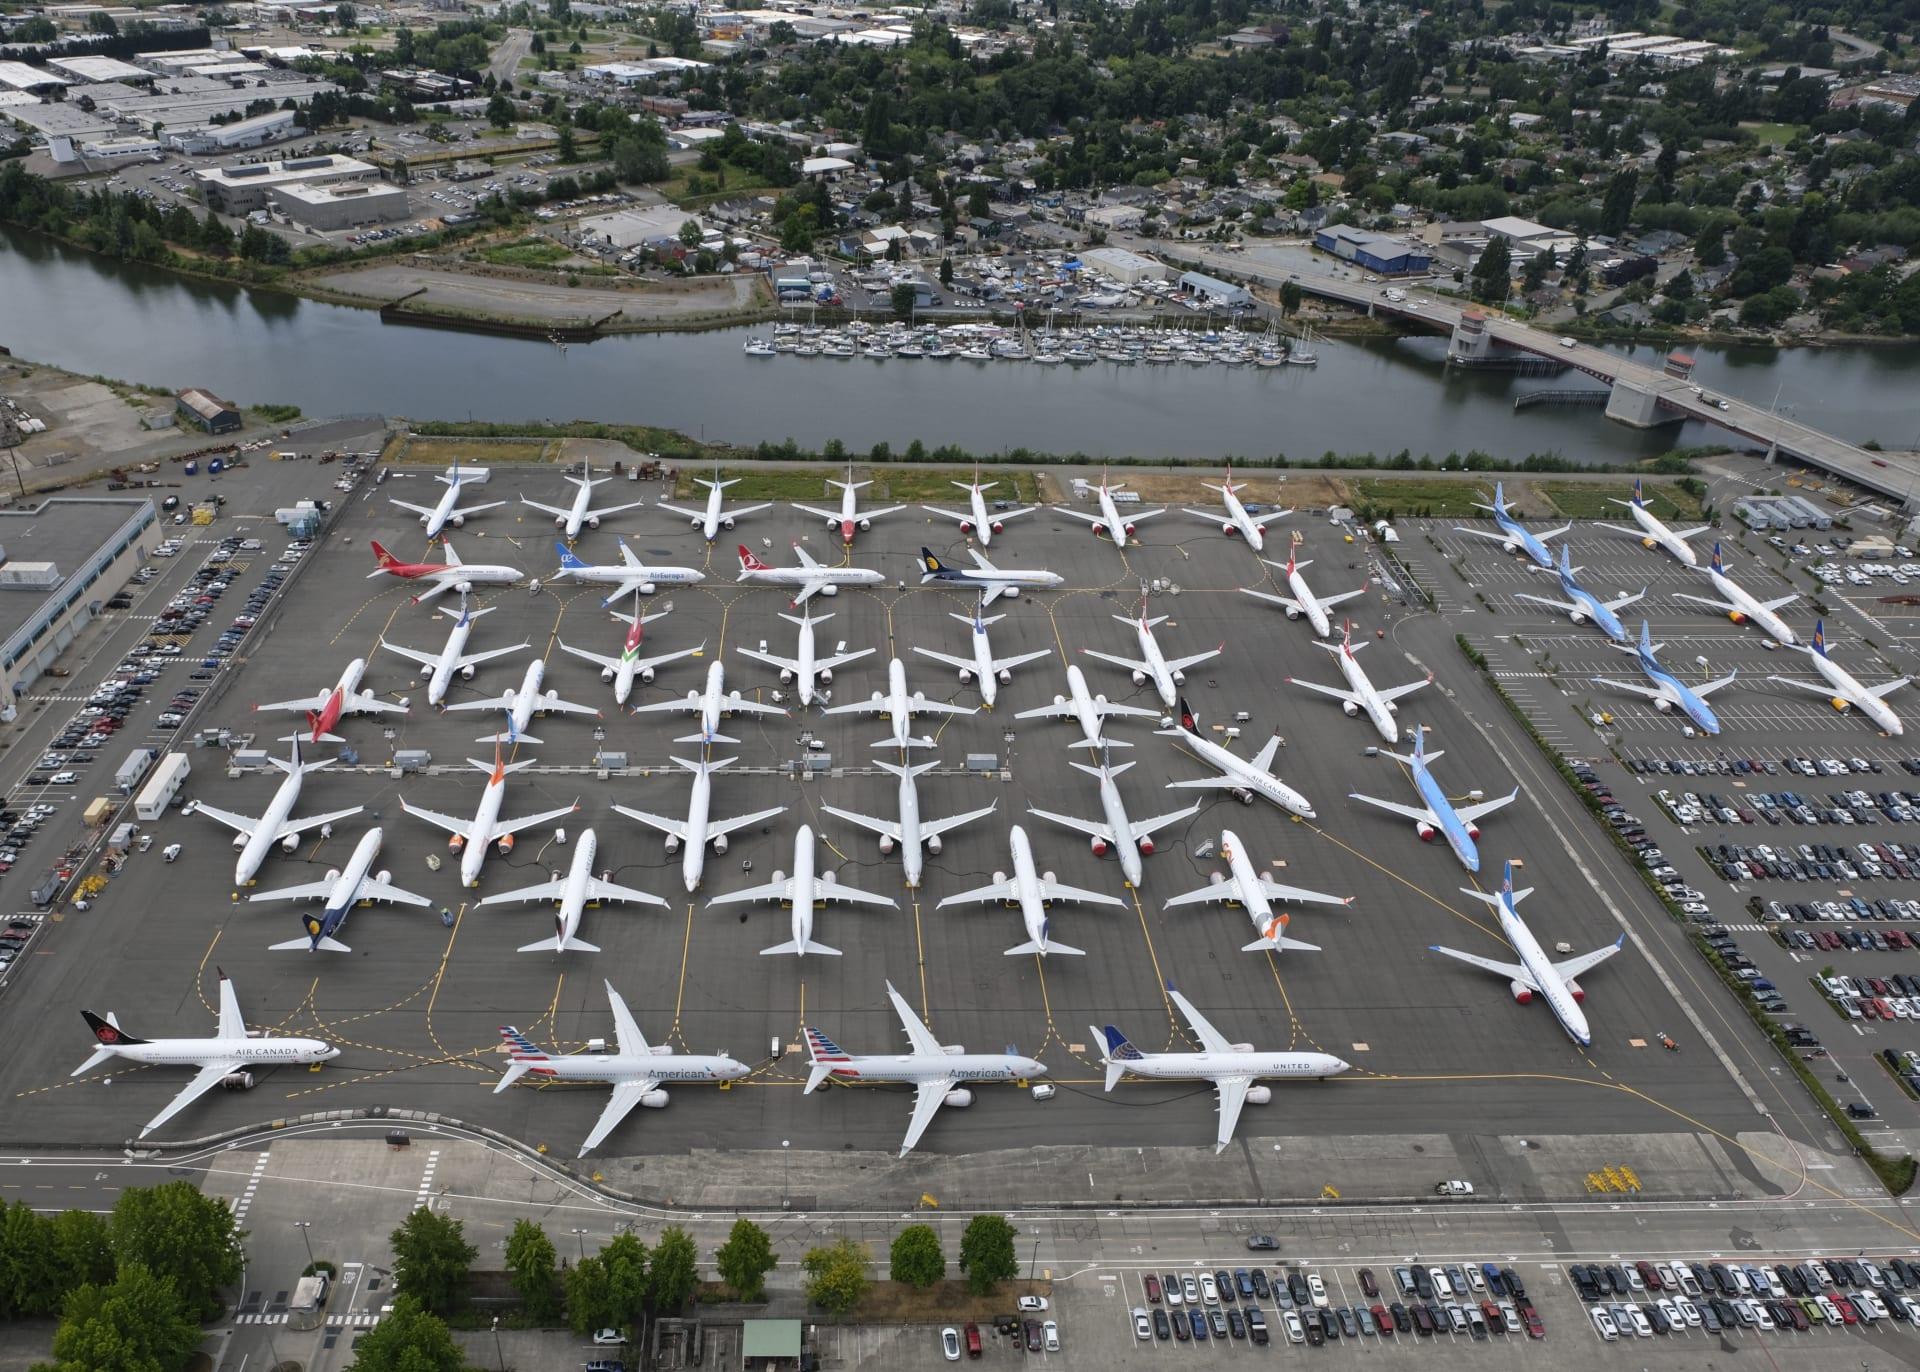 بسبب كورونا وطائرة 737 ماكس المضطربة.. بوينغ تخسر 2.4 مليار دولار في 3 أشهر